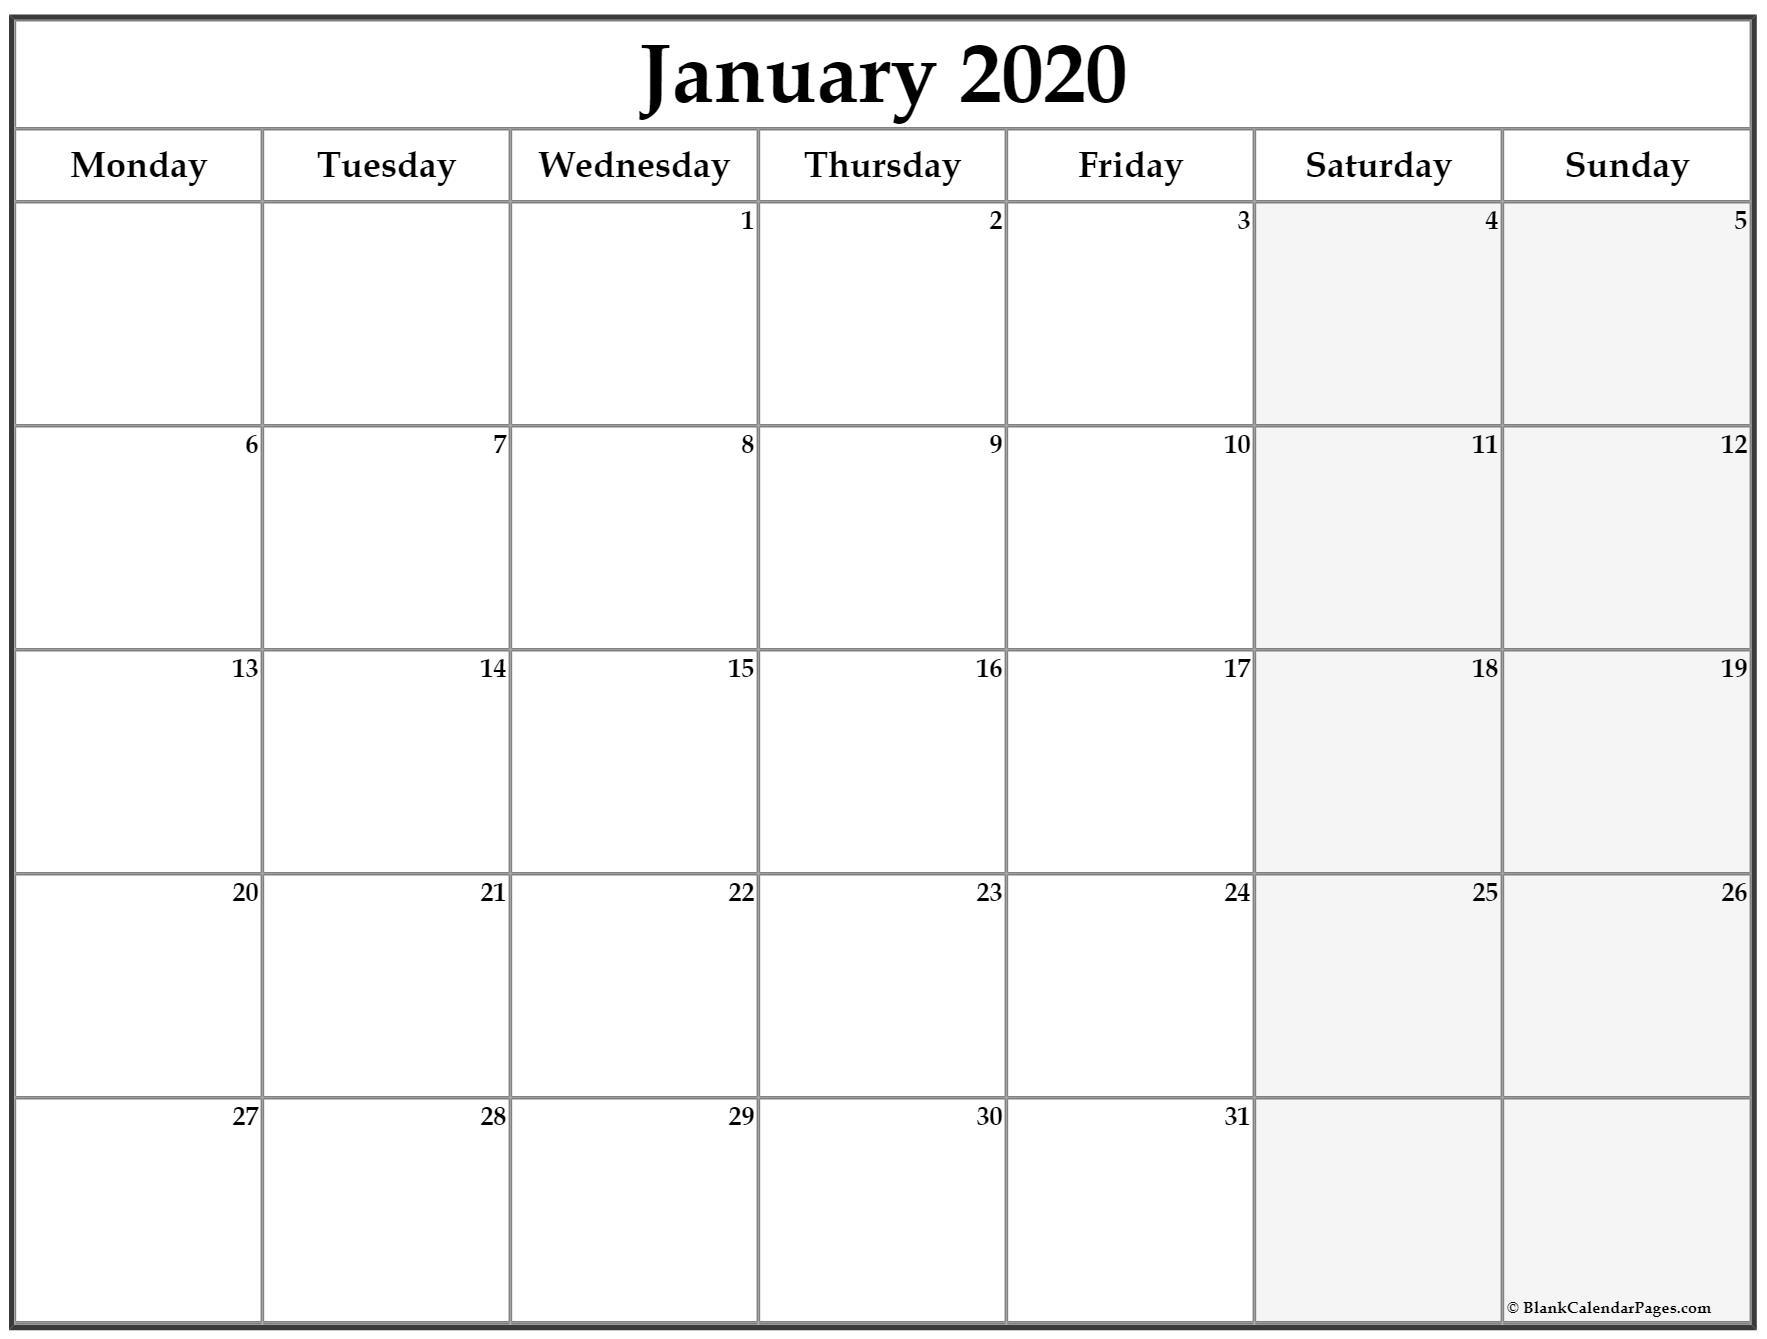 January 2020 Monday Calendar | Monday To Sunday throughout 2020 Calendar Printable Monday Sunday